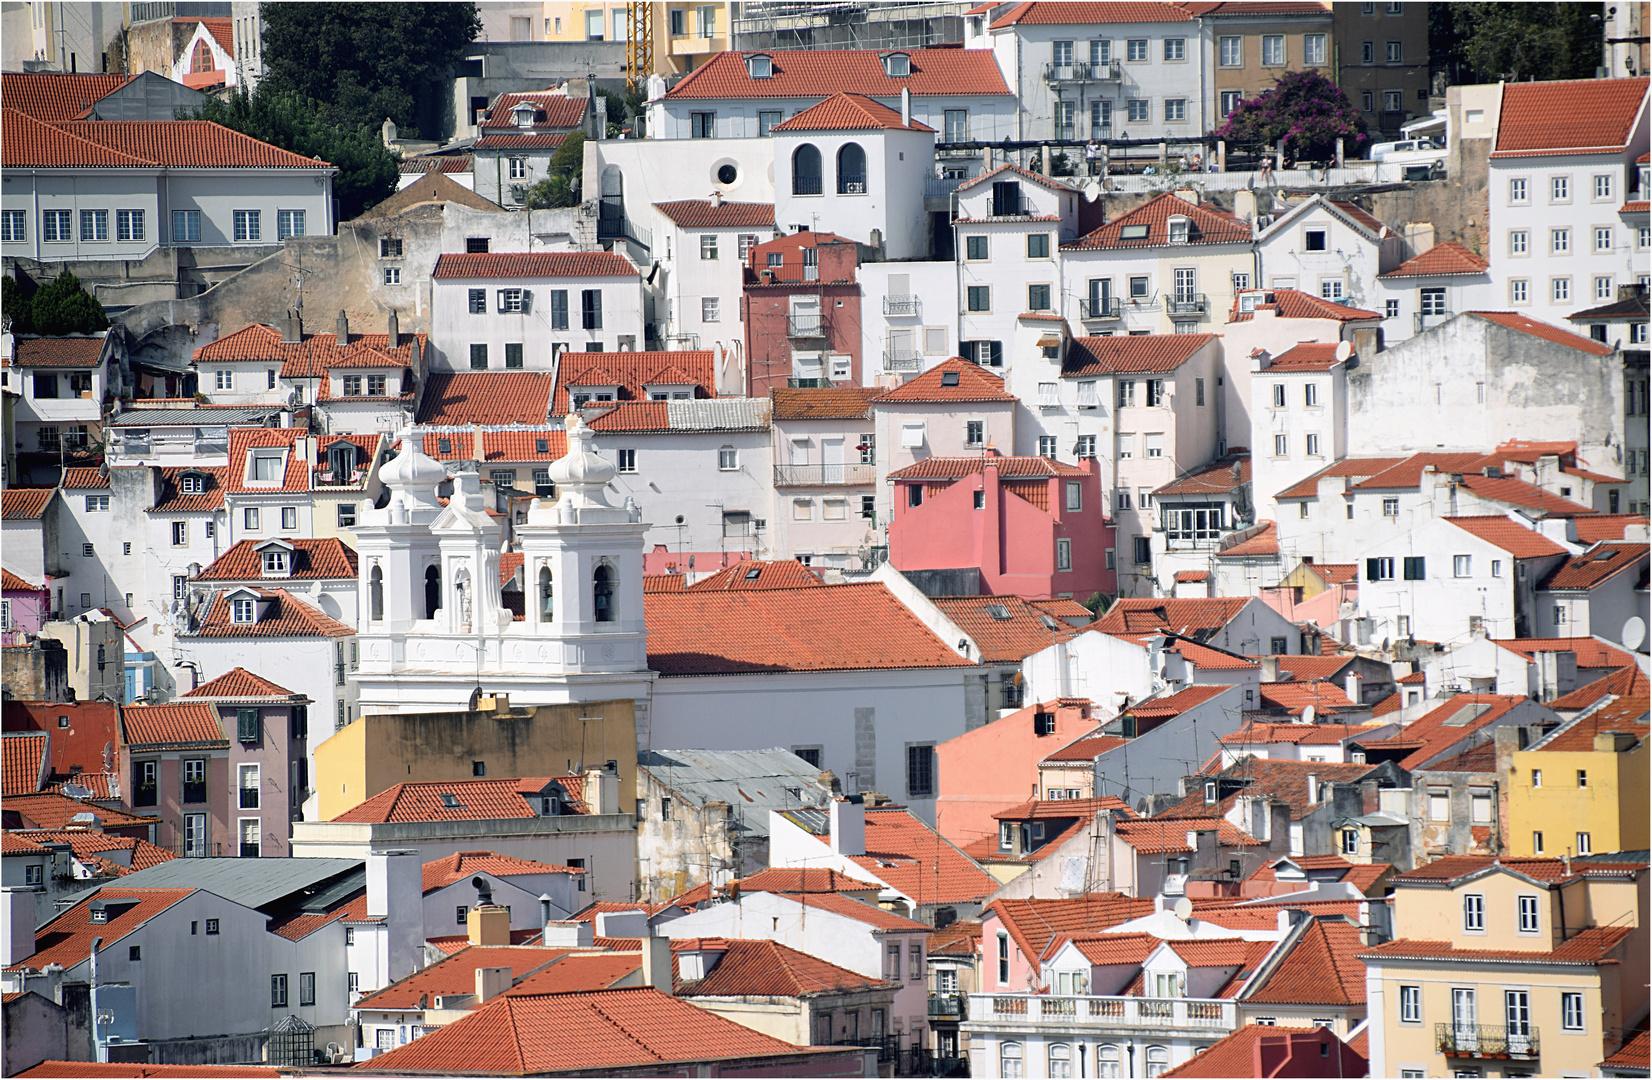 die Dächer von Lissabon